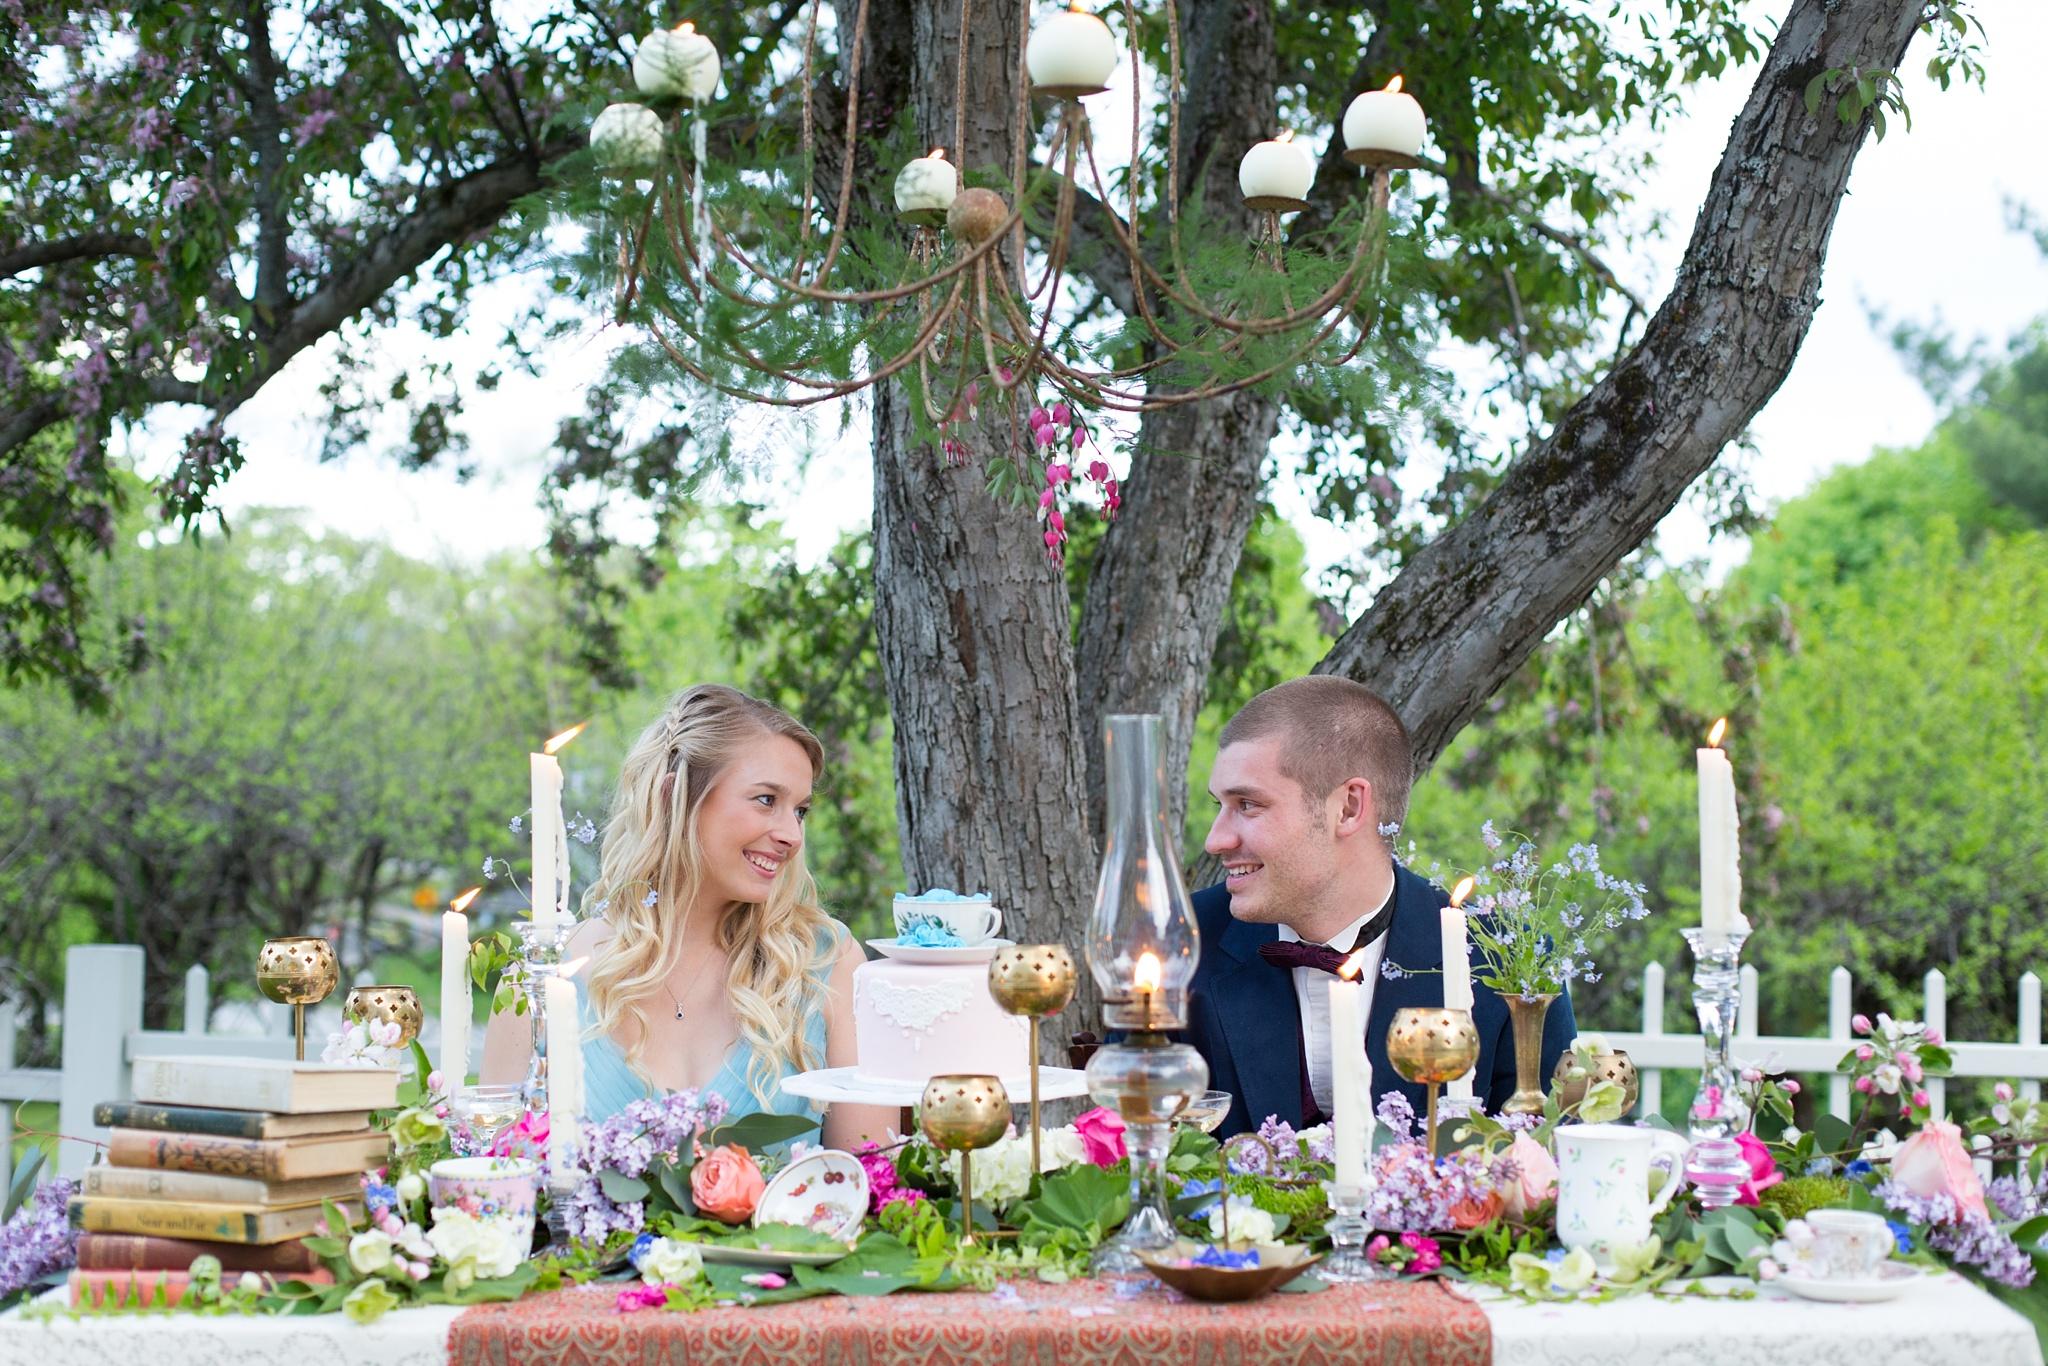 Fairy tale table setting